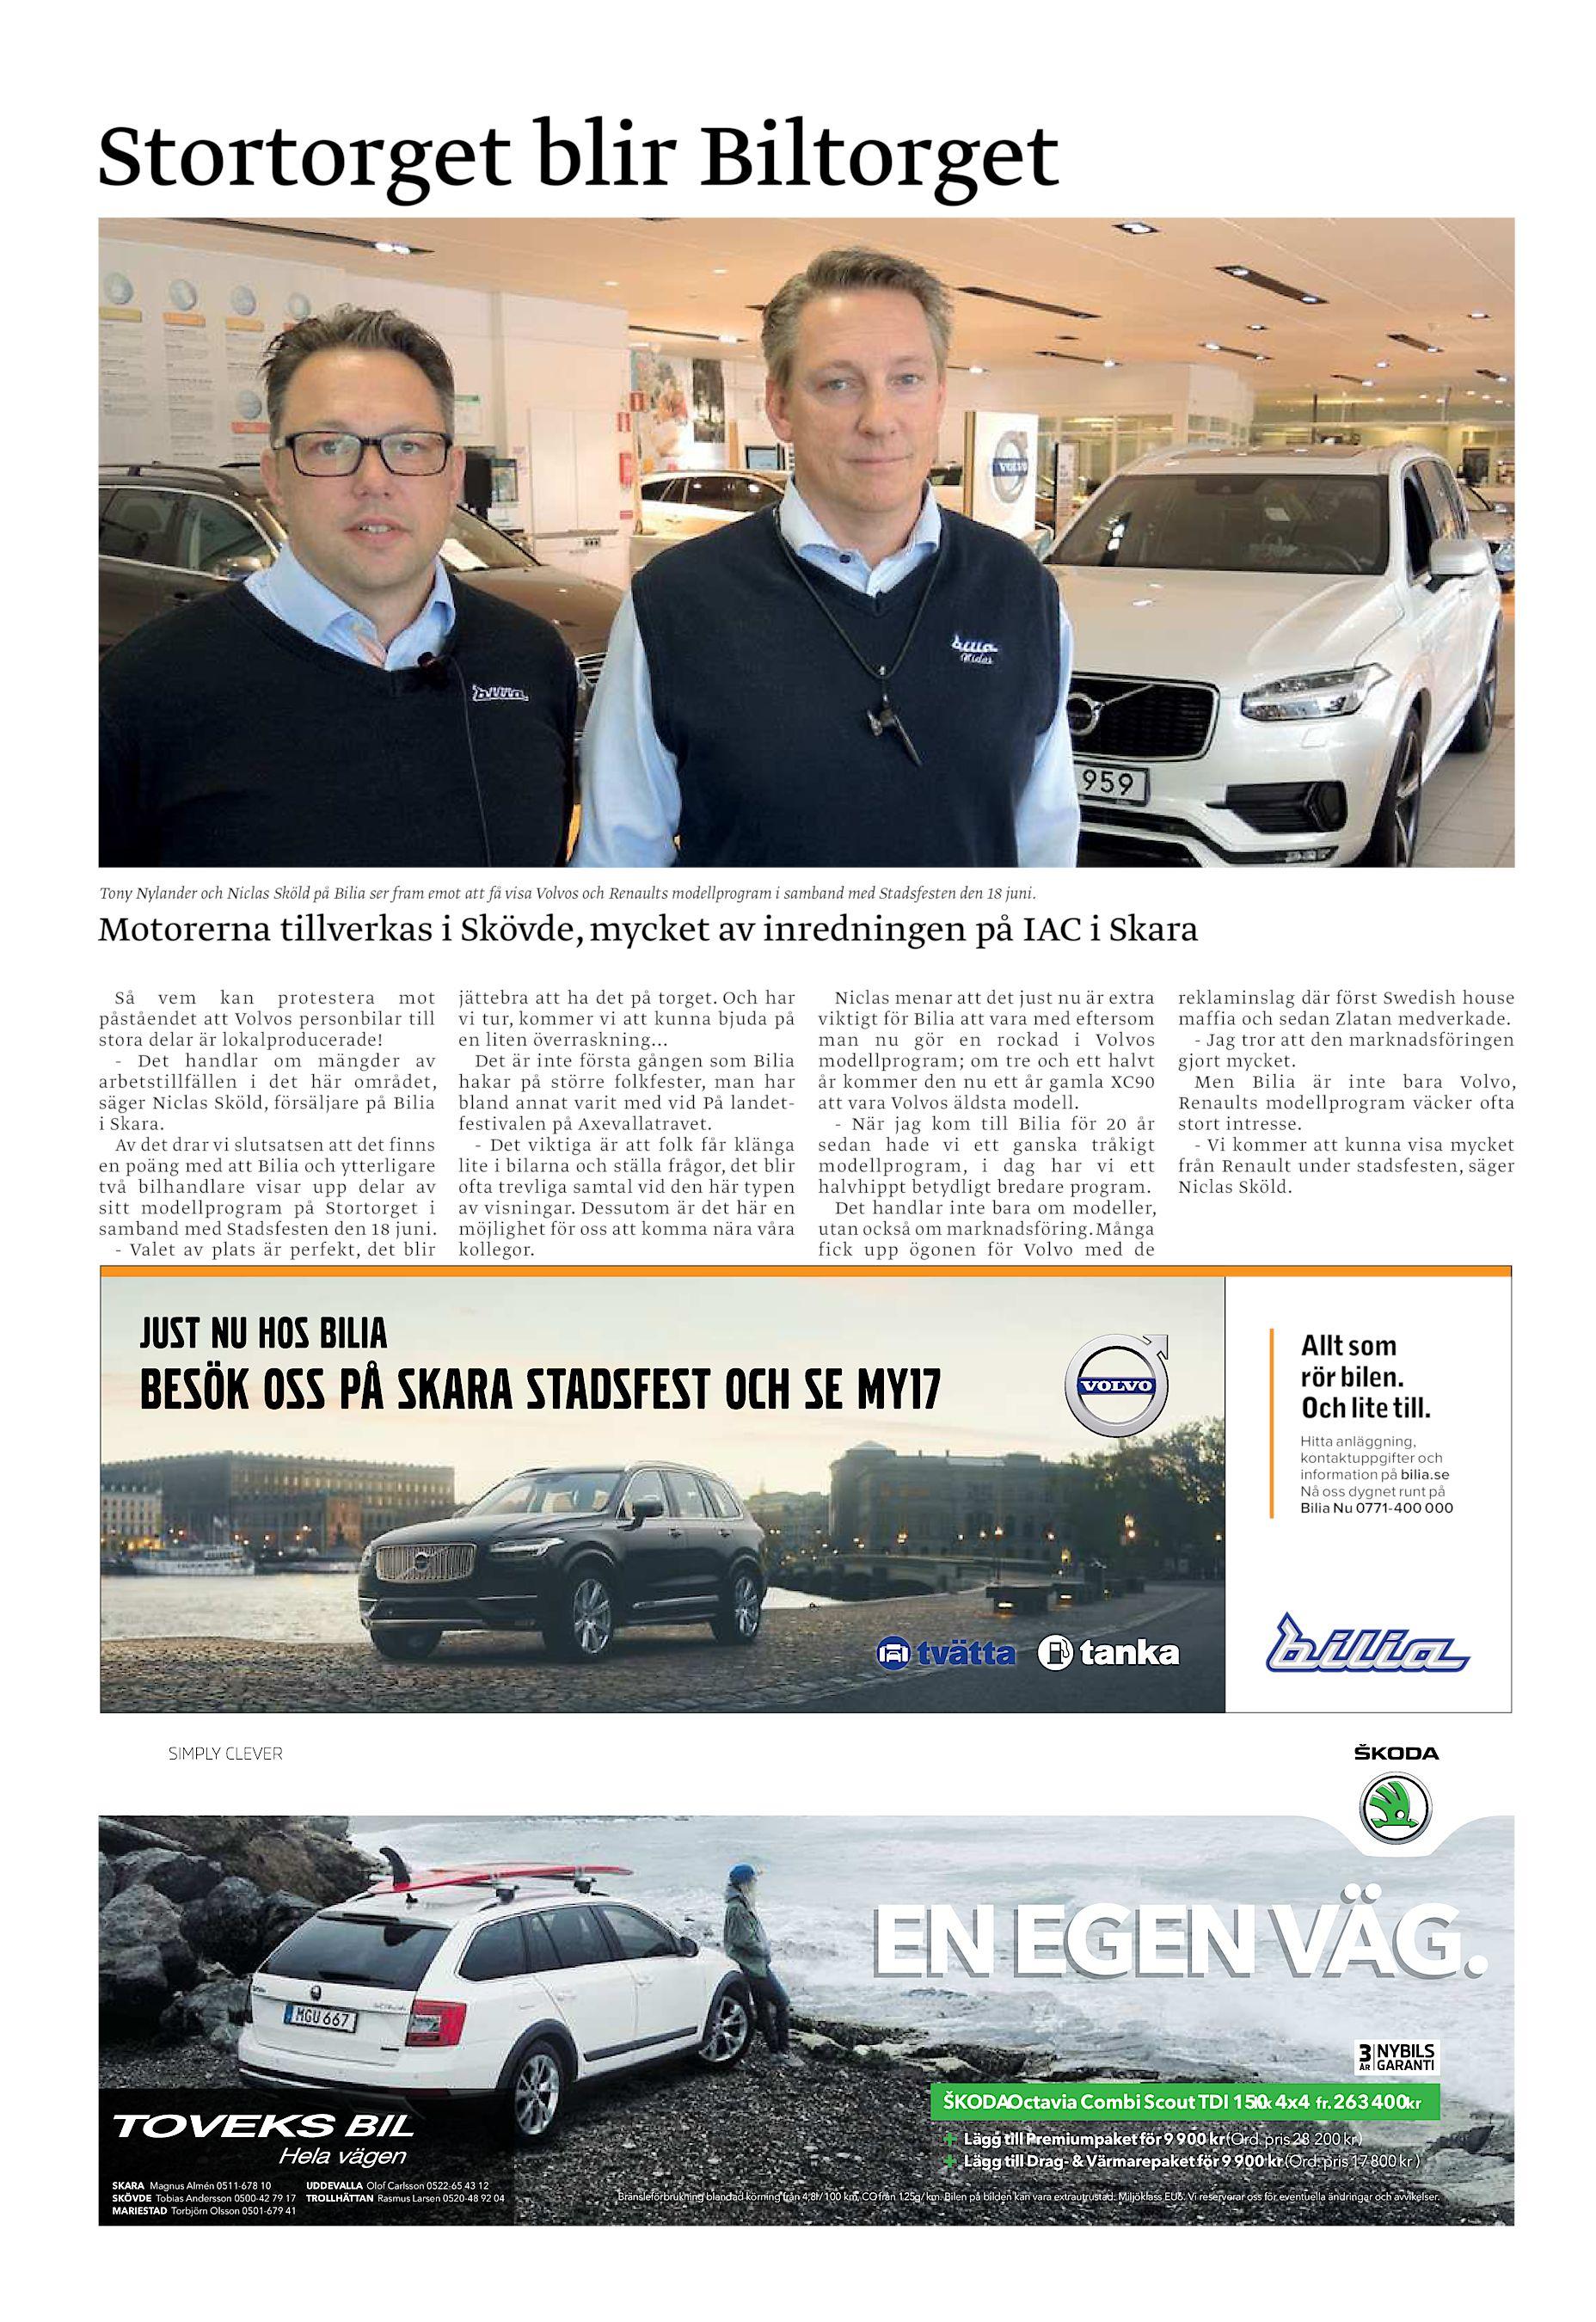 Stortorget blir Biltorget Tony Nylander och Niclas Sköld på Bilia ser fram  emot att få visa Volvos och Renaults modellprogram i samband med  Stadsfesten den ... 10cad33b52435